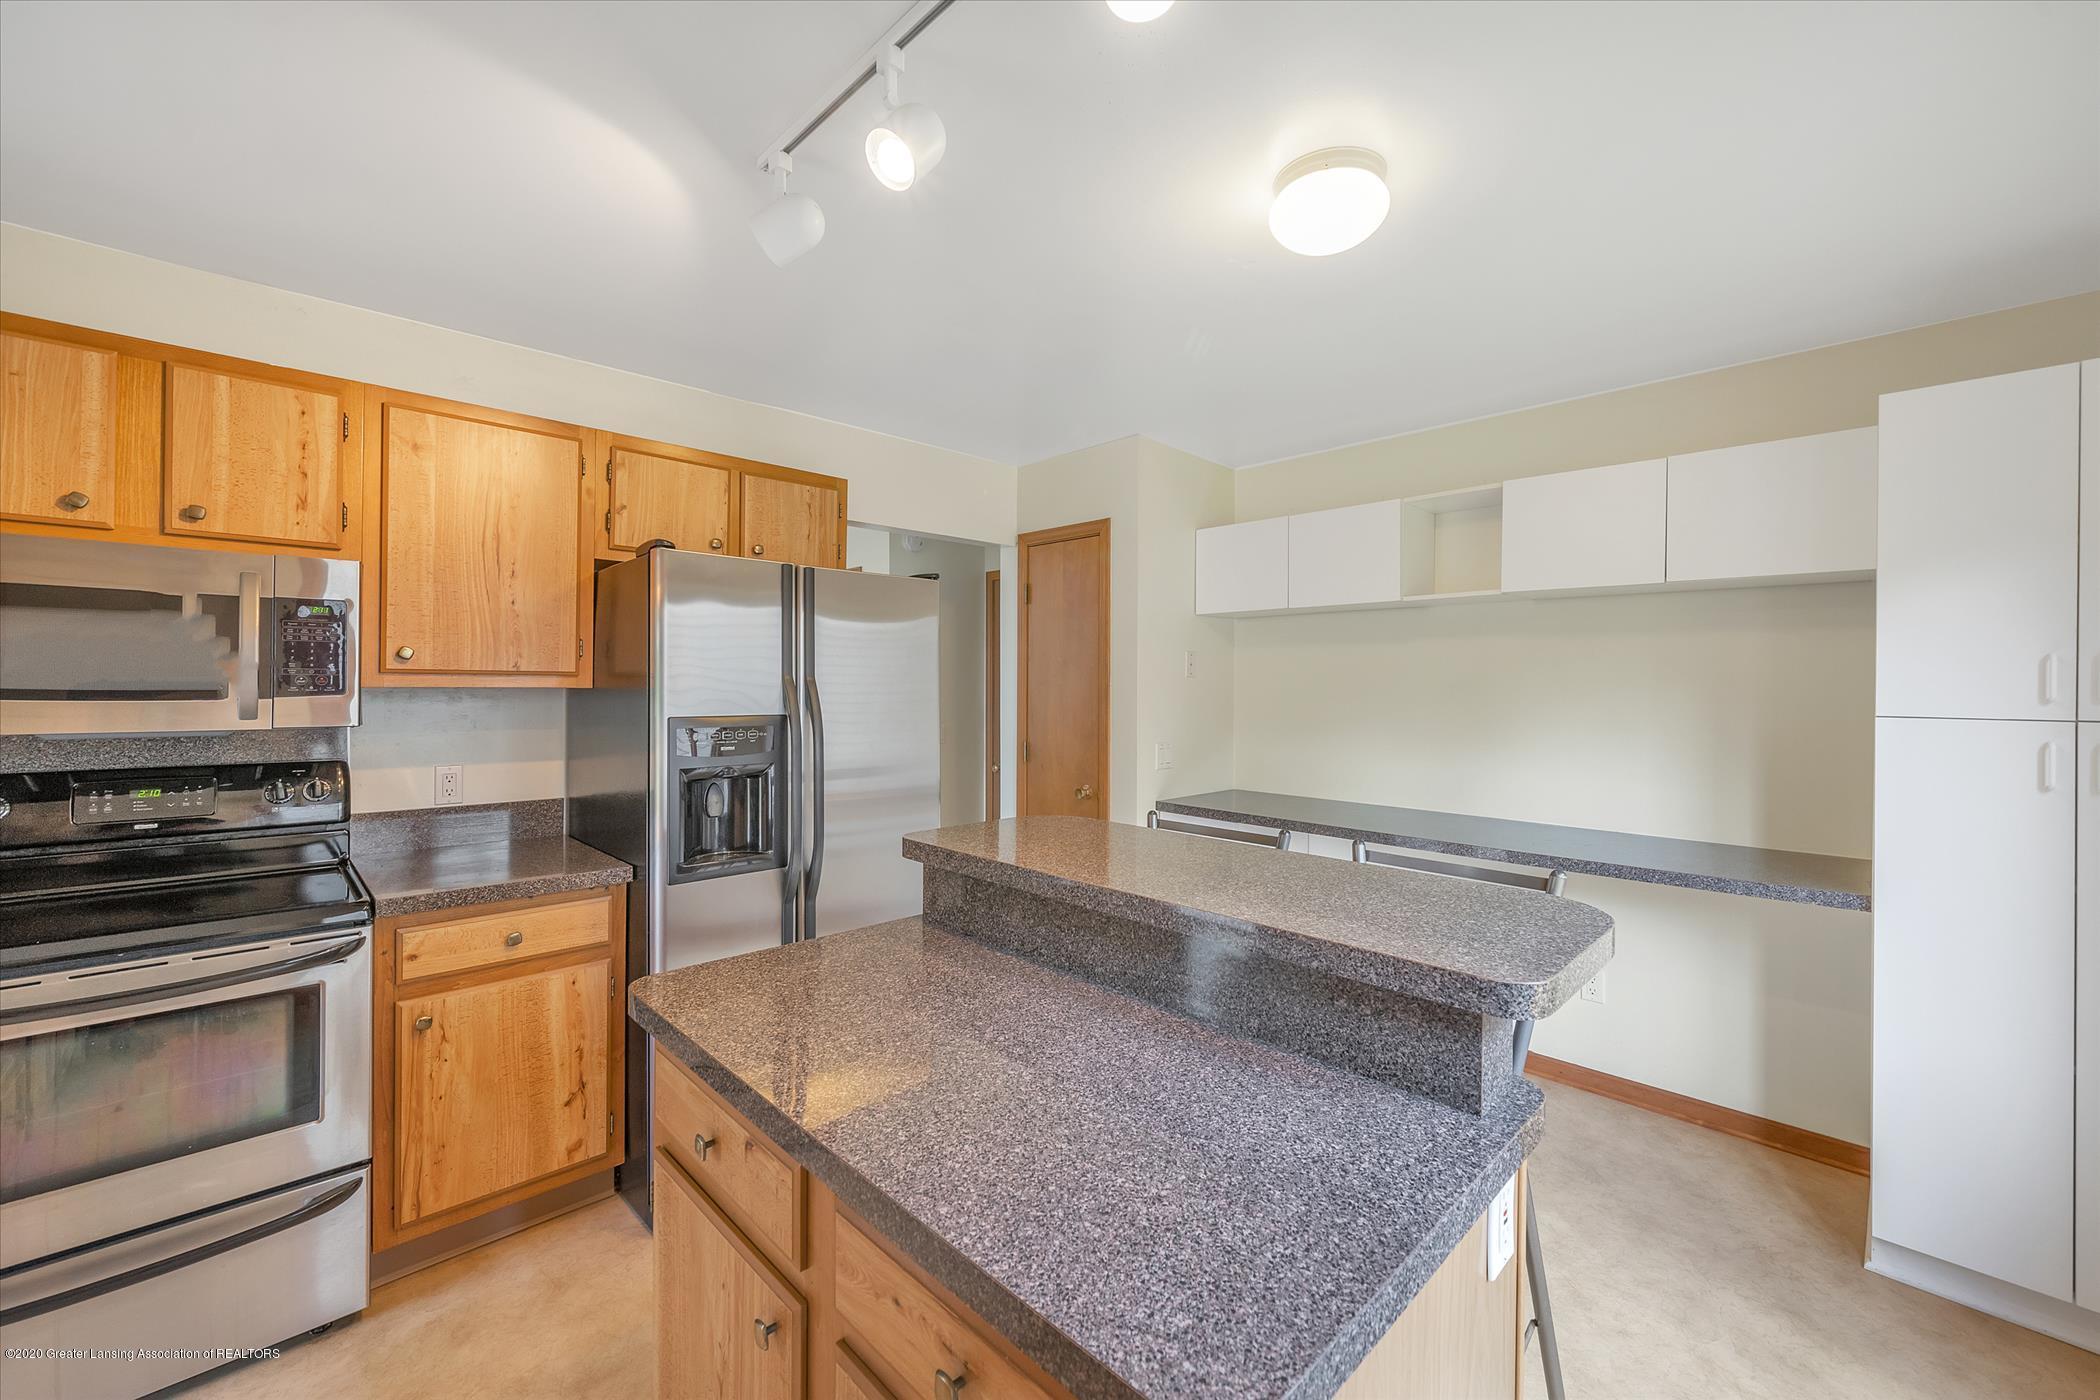 2605 Woodhill Dr - Kitchen - 8